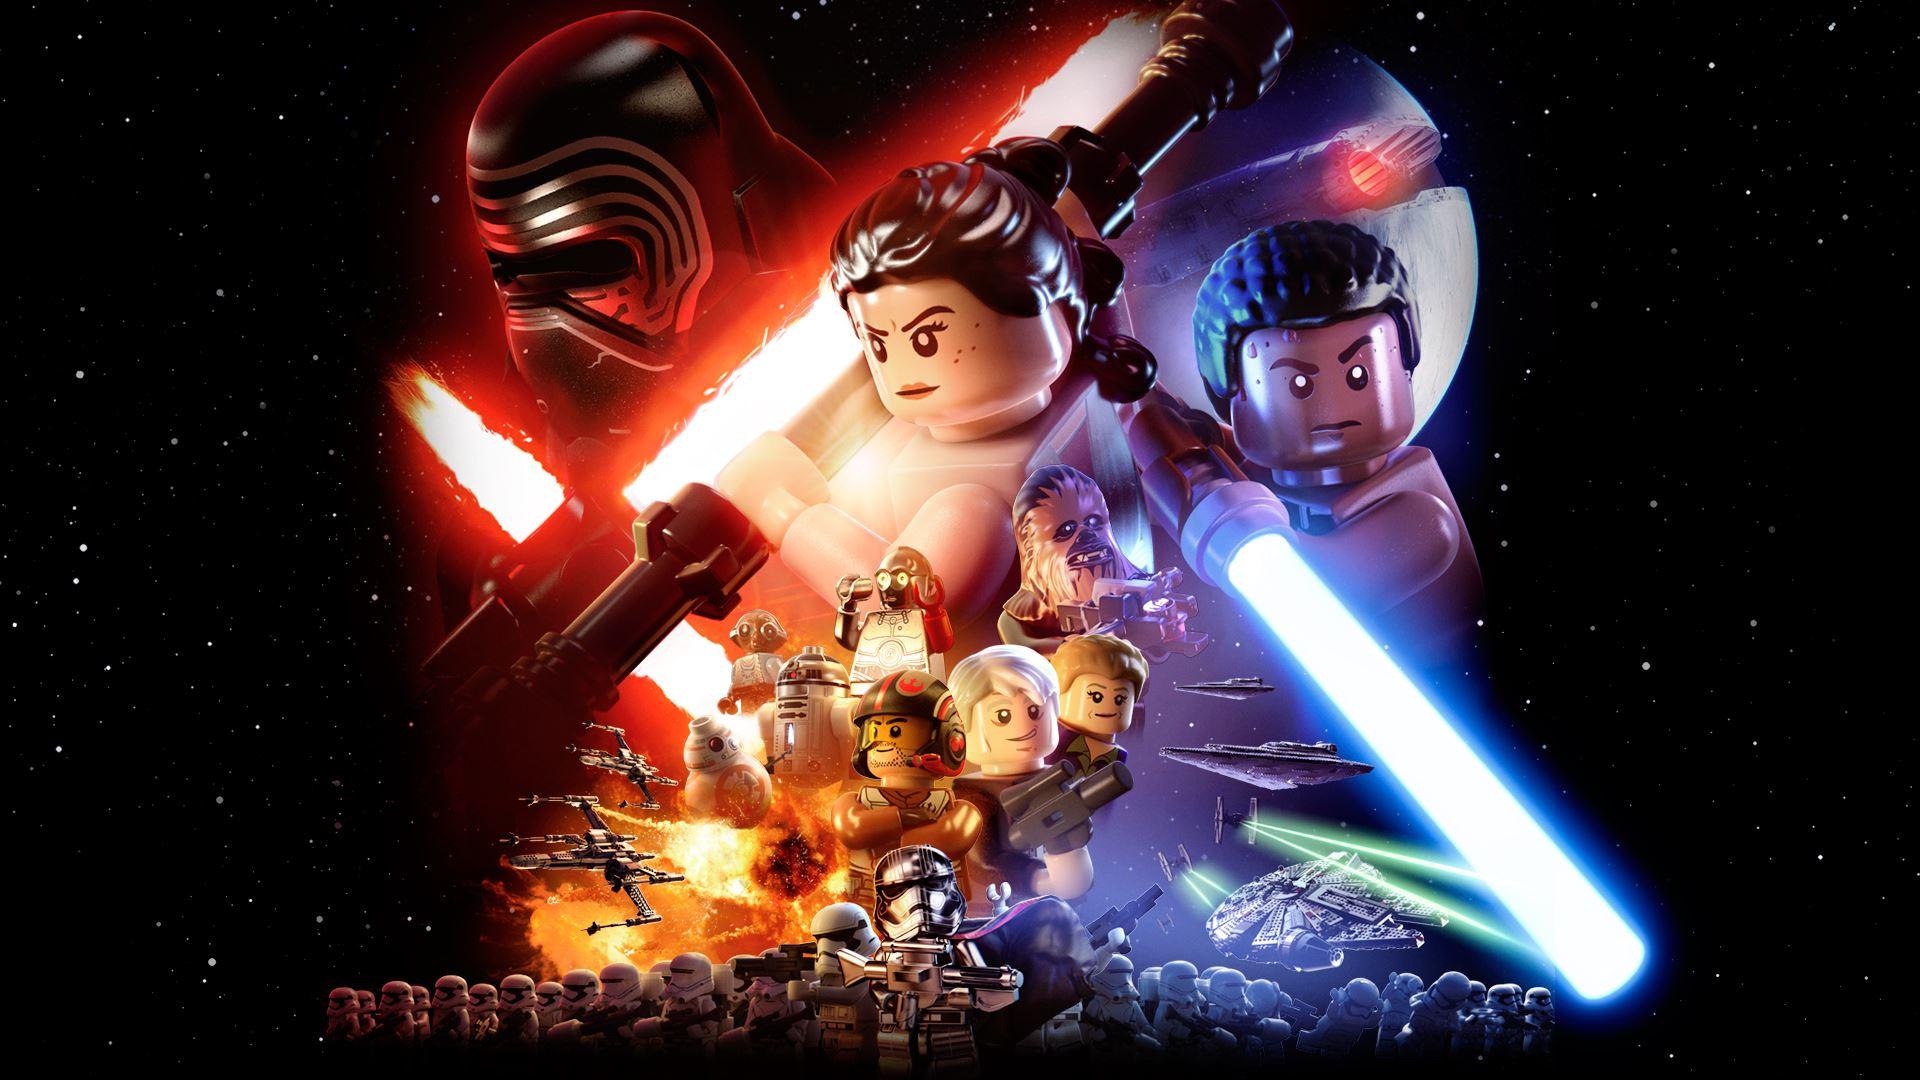 Hay que reconocer que Lego Star Wars El Despertar de la Fuerza tiene pinta de ser todo un pepinazo y bonito a más no poder.